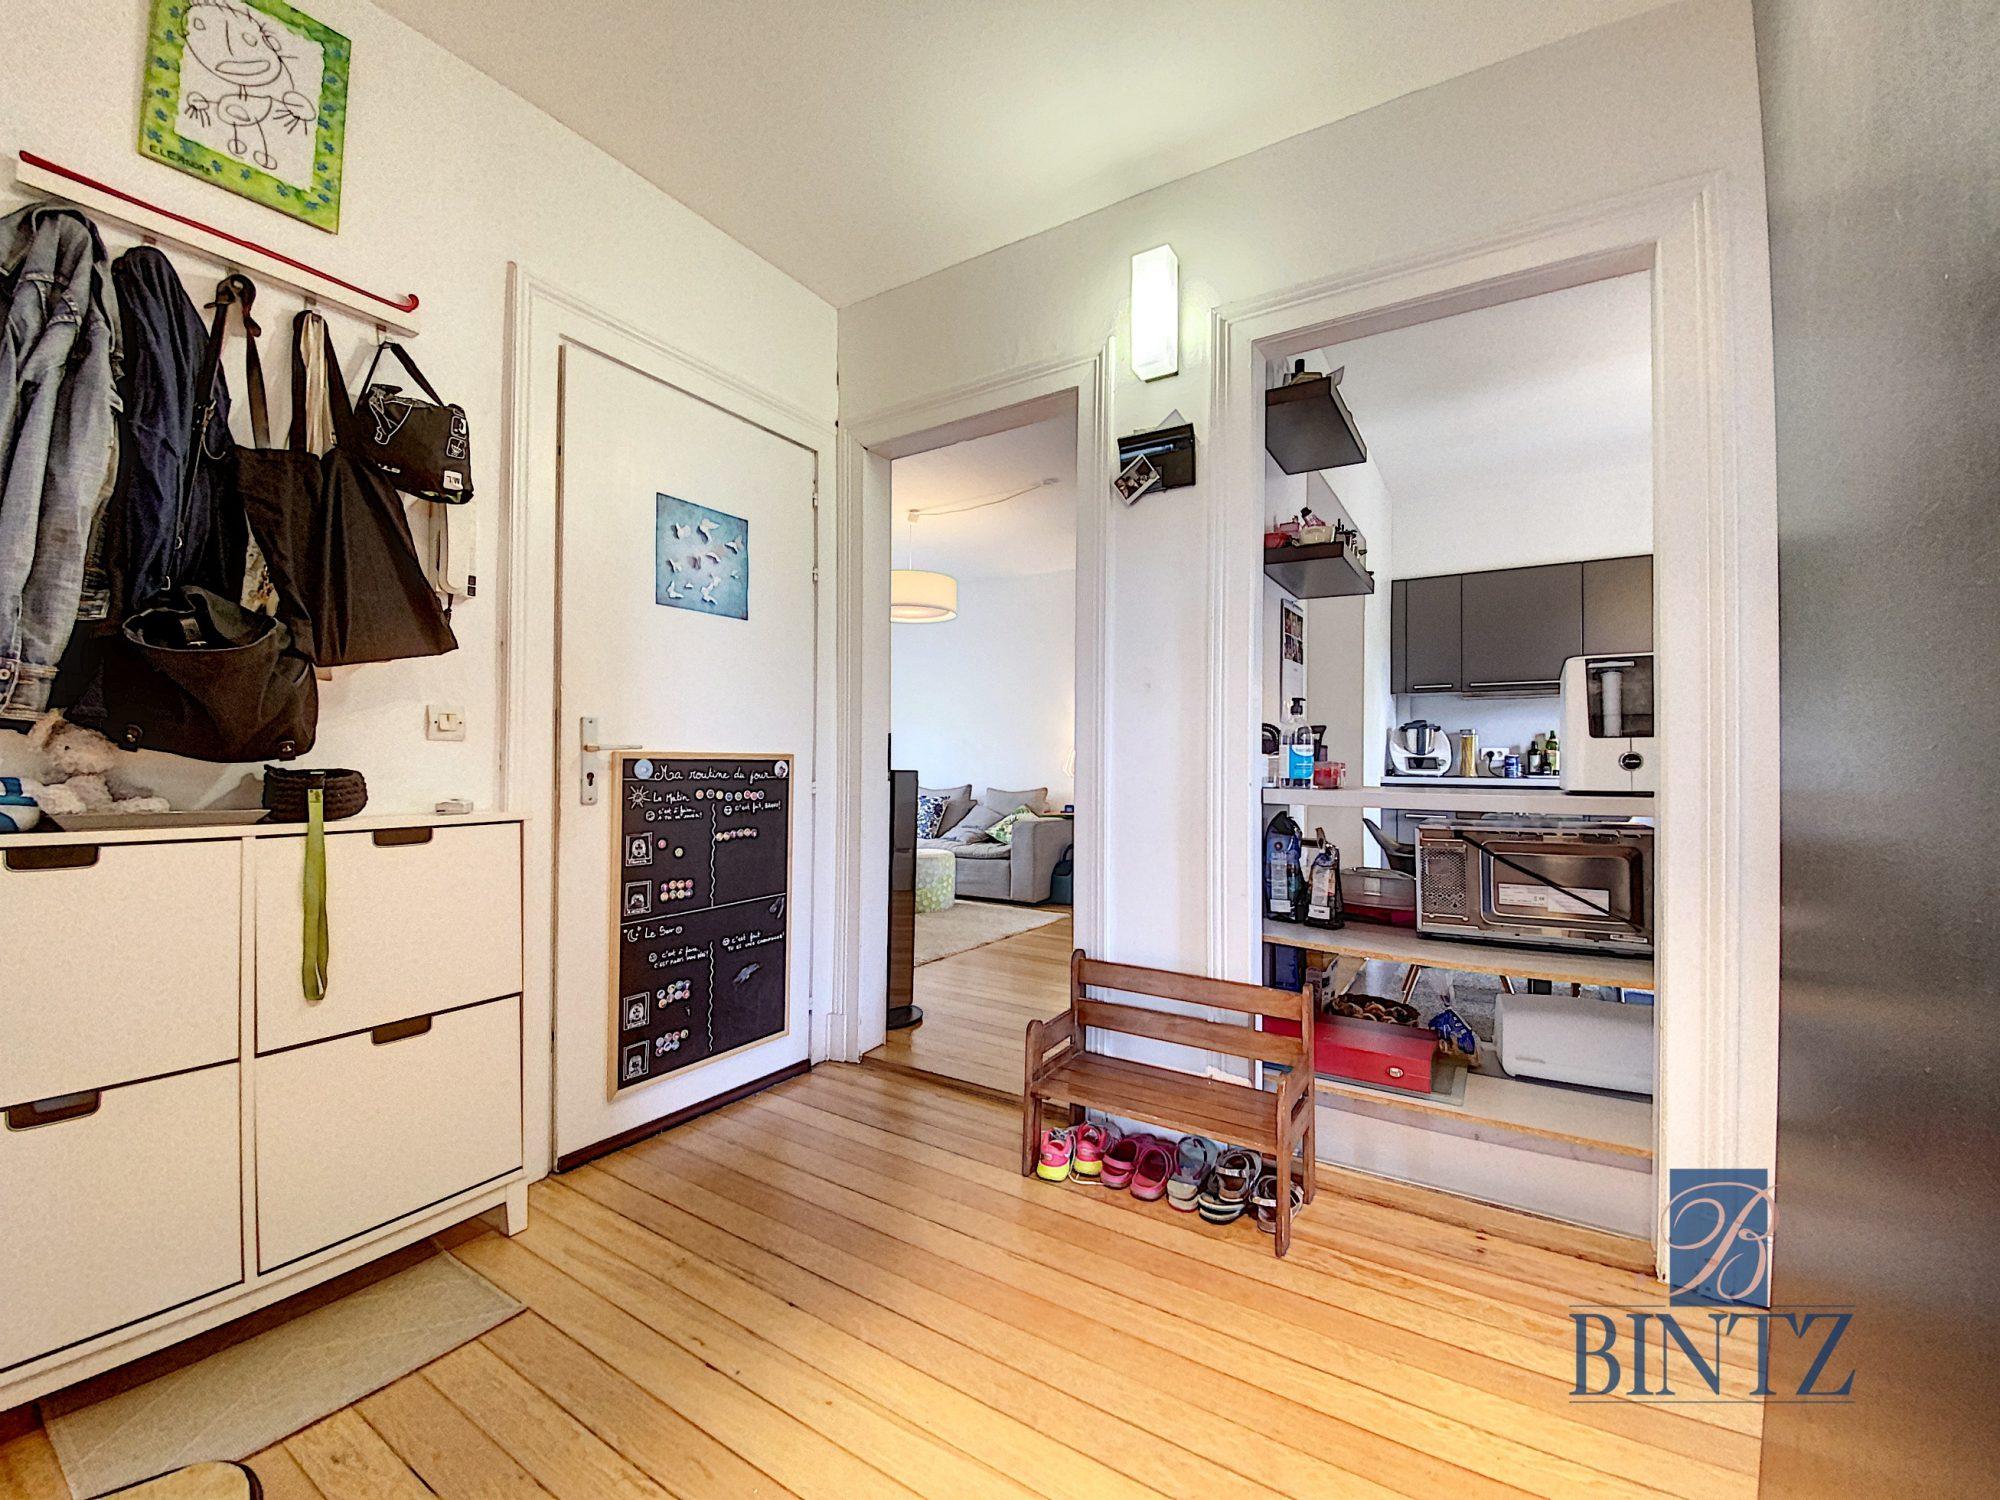 3 pièces avec terrasse à la Robertsau - Devenez propriétaire en toute confiance - Bintz Immobilier - 8